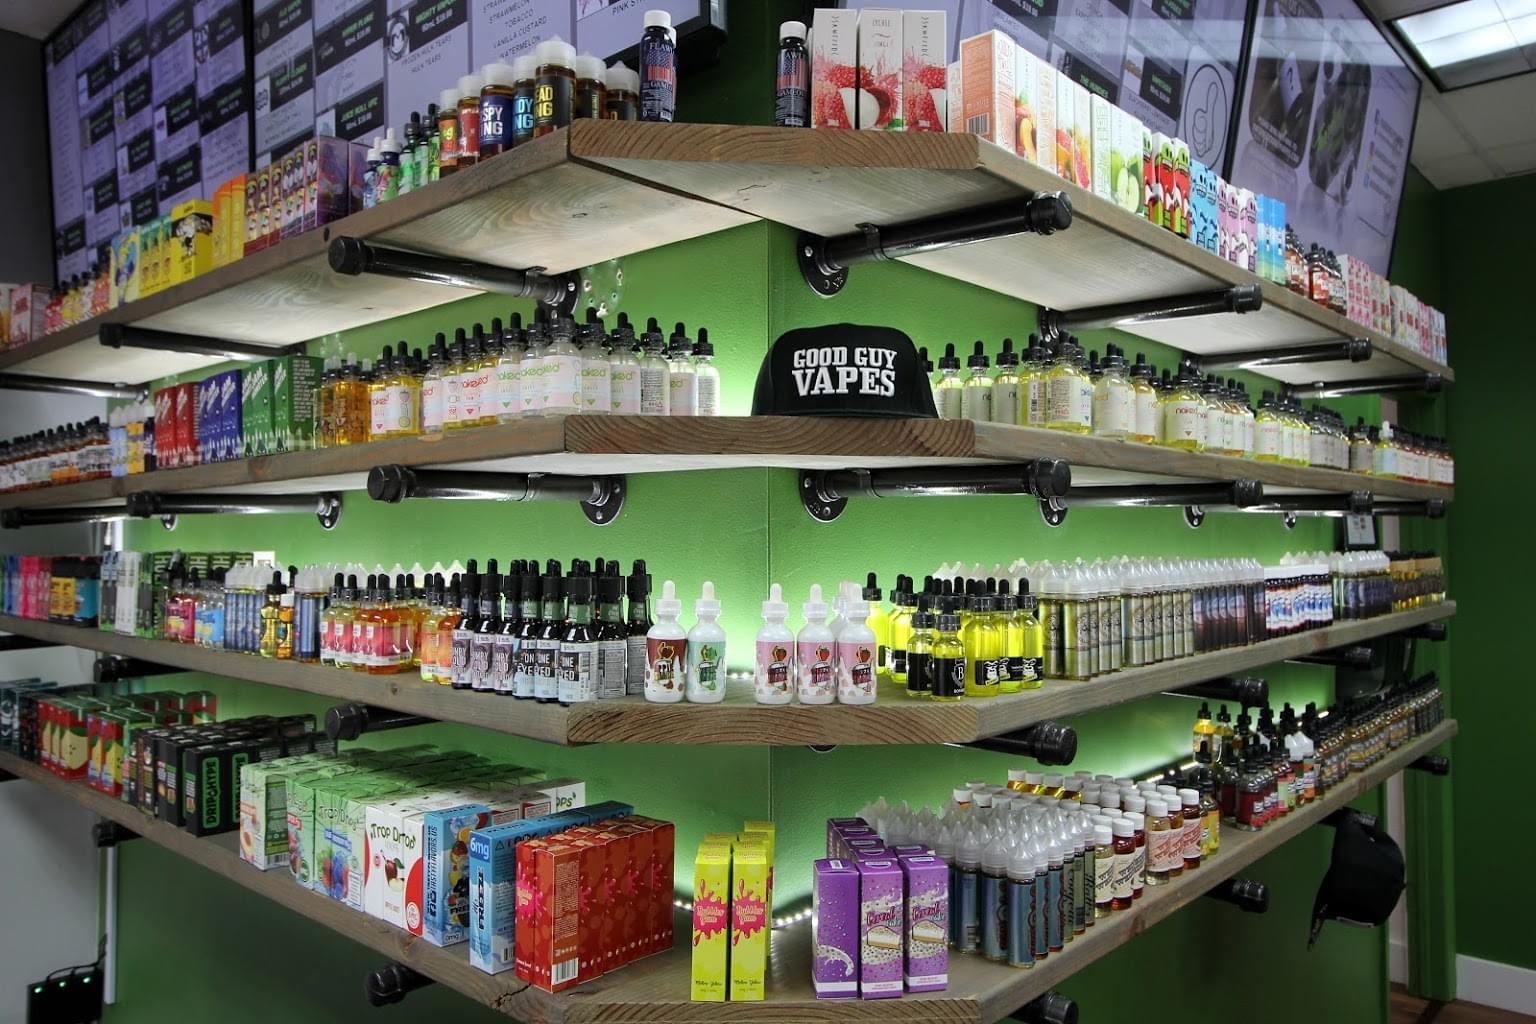 Good Guy Vapes – Clifton, NJ – See-Inside Vaporizer Store